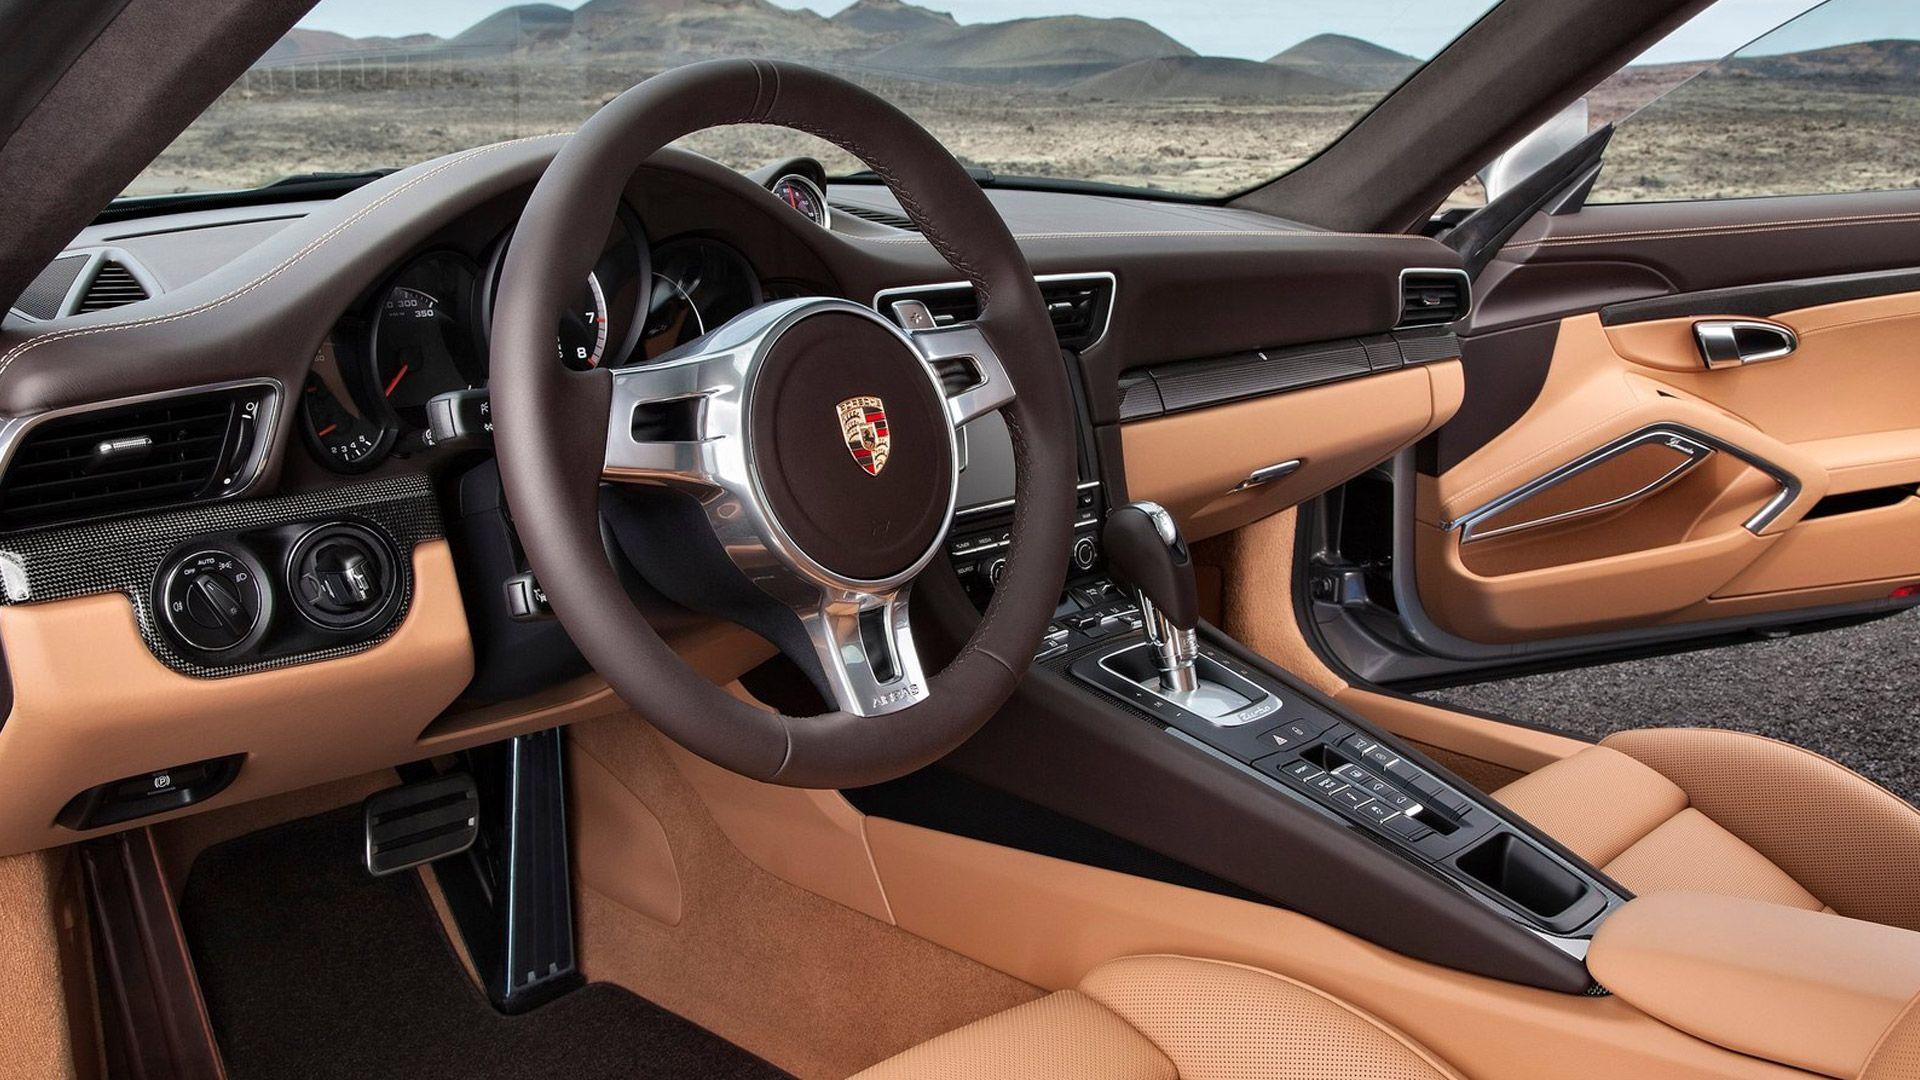 1000 images about porsche on pinterest cars porsche 912 and porsche carrera - 2015 Porsche 911 Turbo Wallpaper